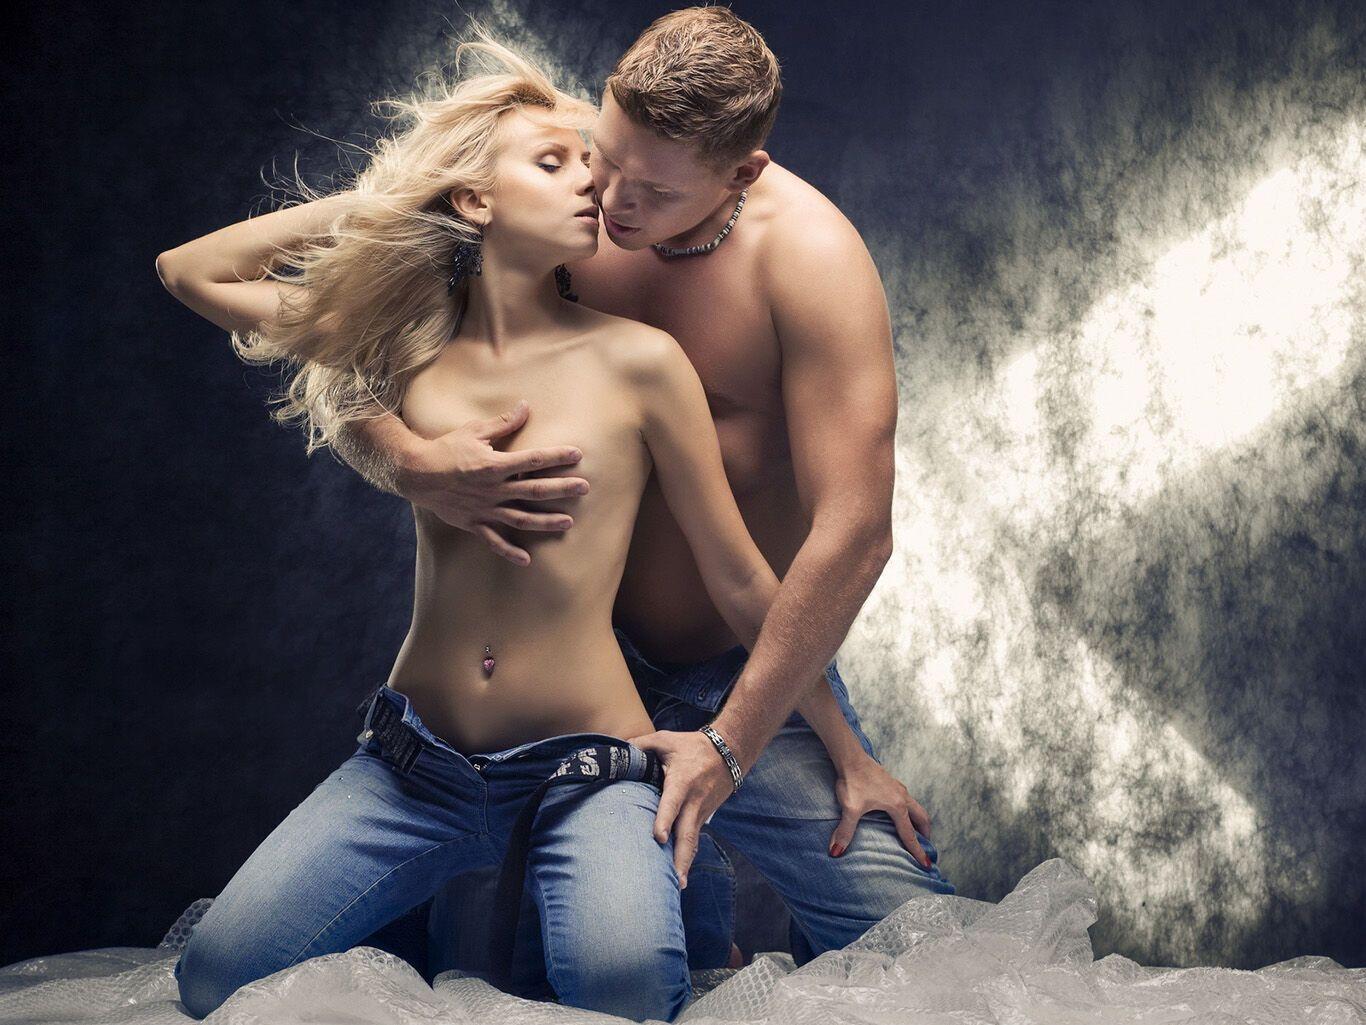 Вчені з'ясували список найпопулярніших сексуальних фантазій у жінок і чоловіків